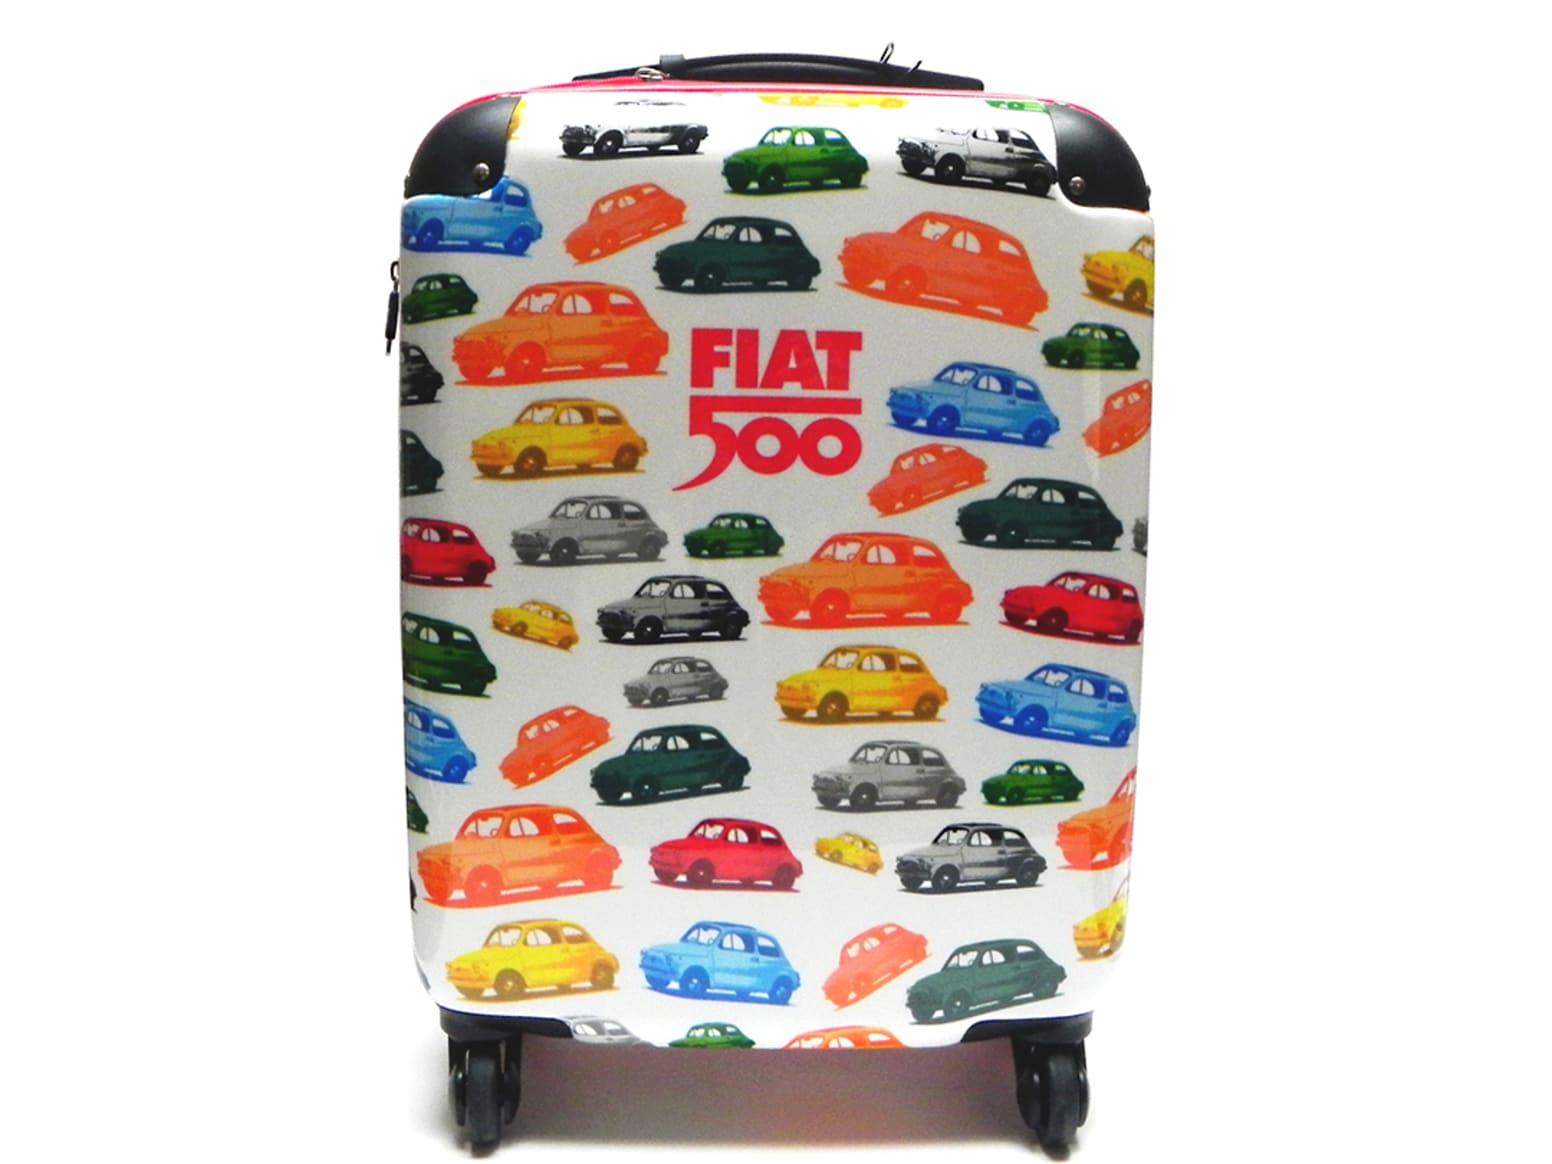 Fiat Suitcase